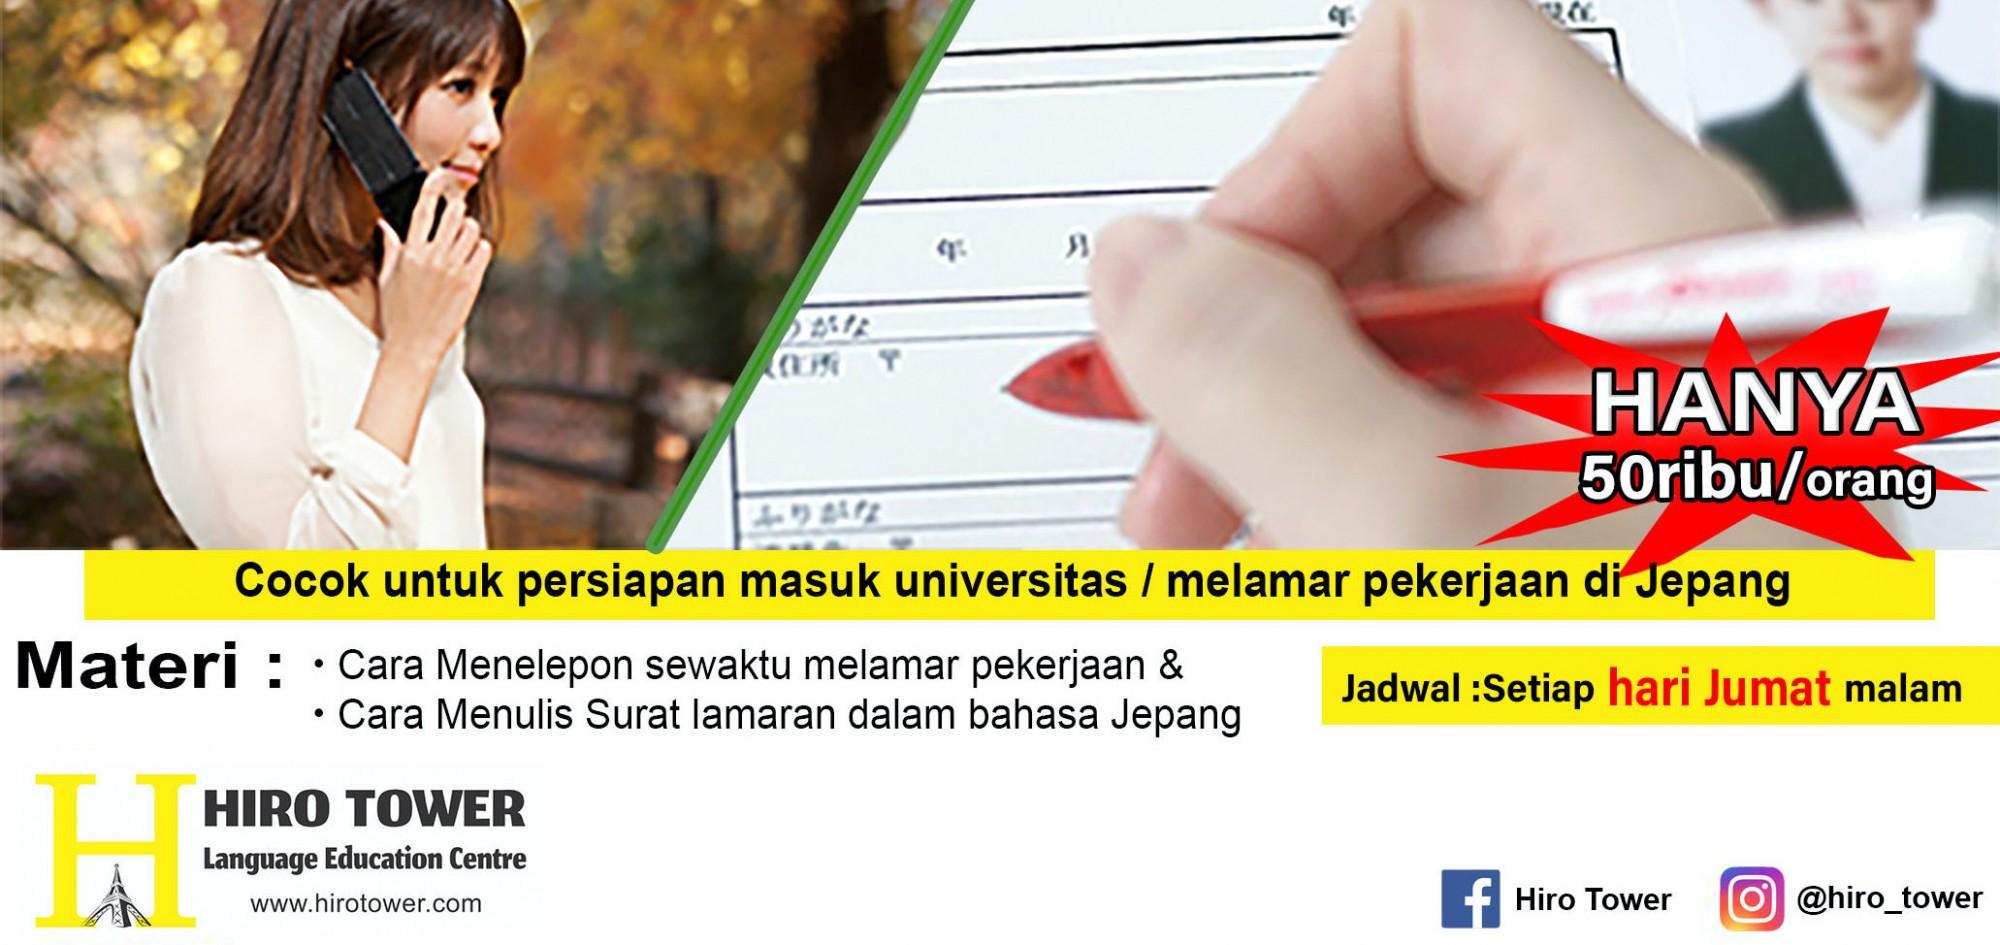 Kelas Persiapan masuk Universitas/melamar pekerjaan di Jepang【Cara menelepon/menulis surat lamaran】